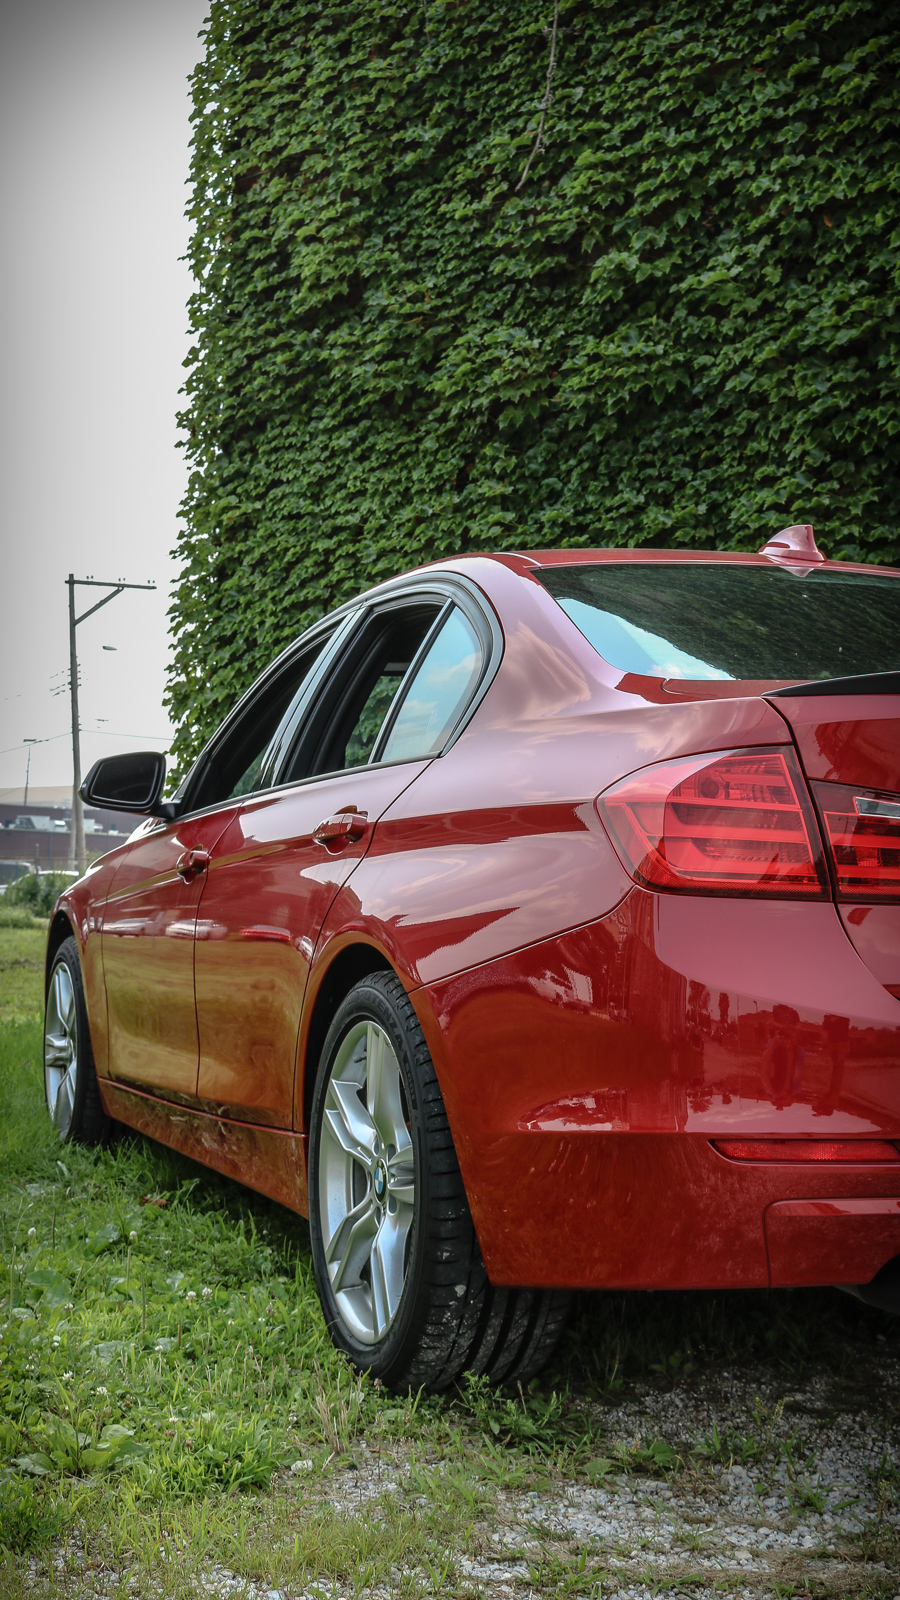 Isringhausen-BMW-Dinan-328i-977661-7.jpg